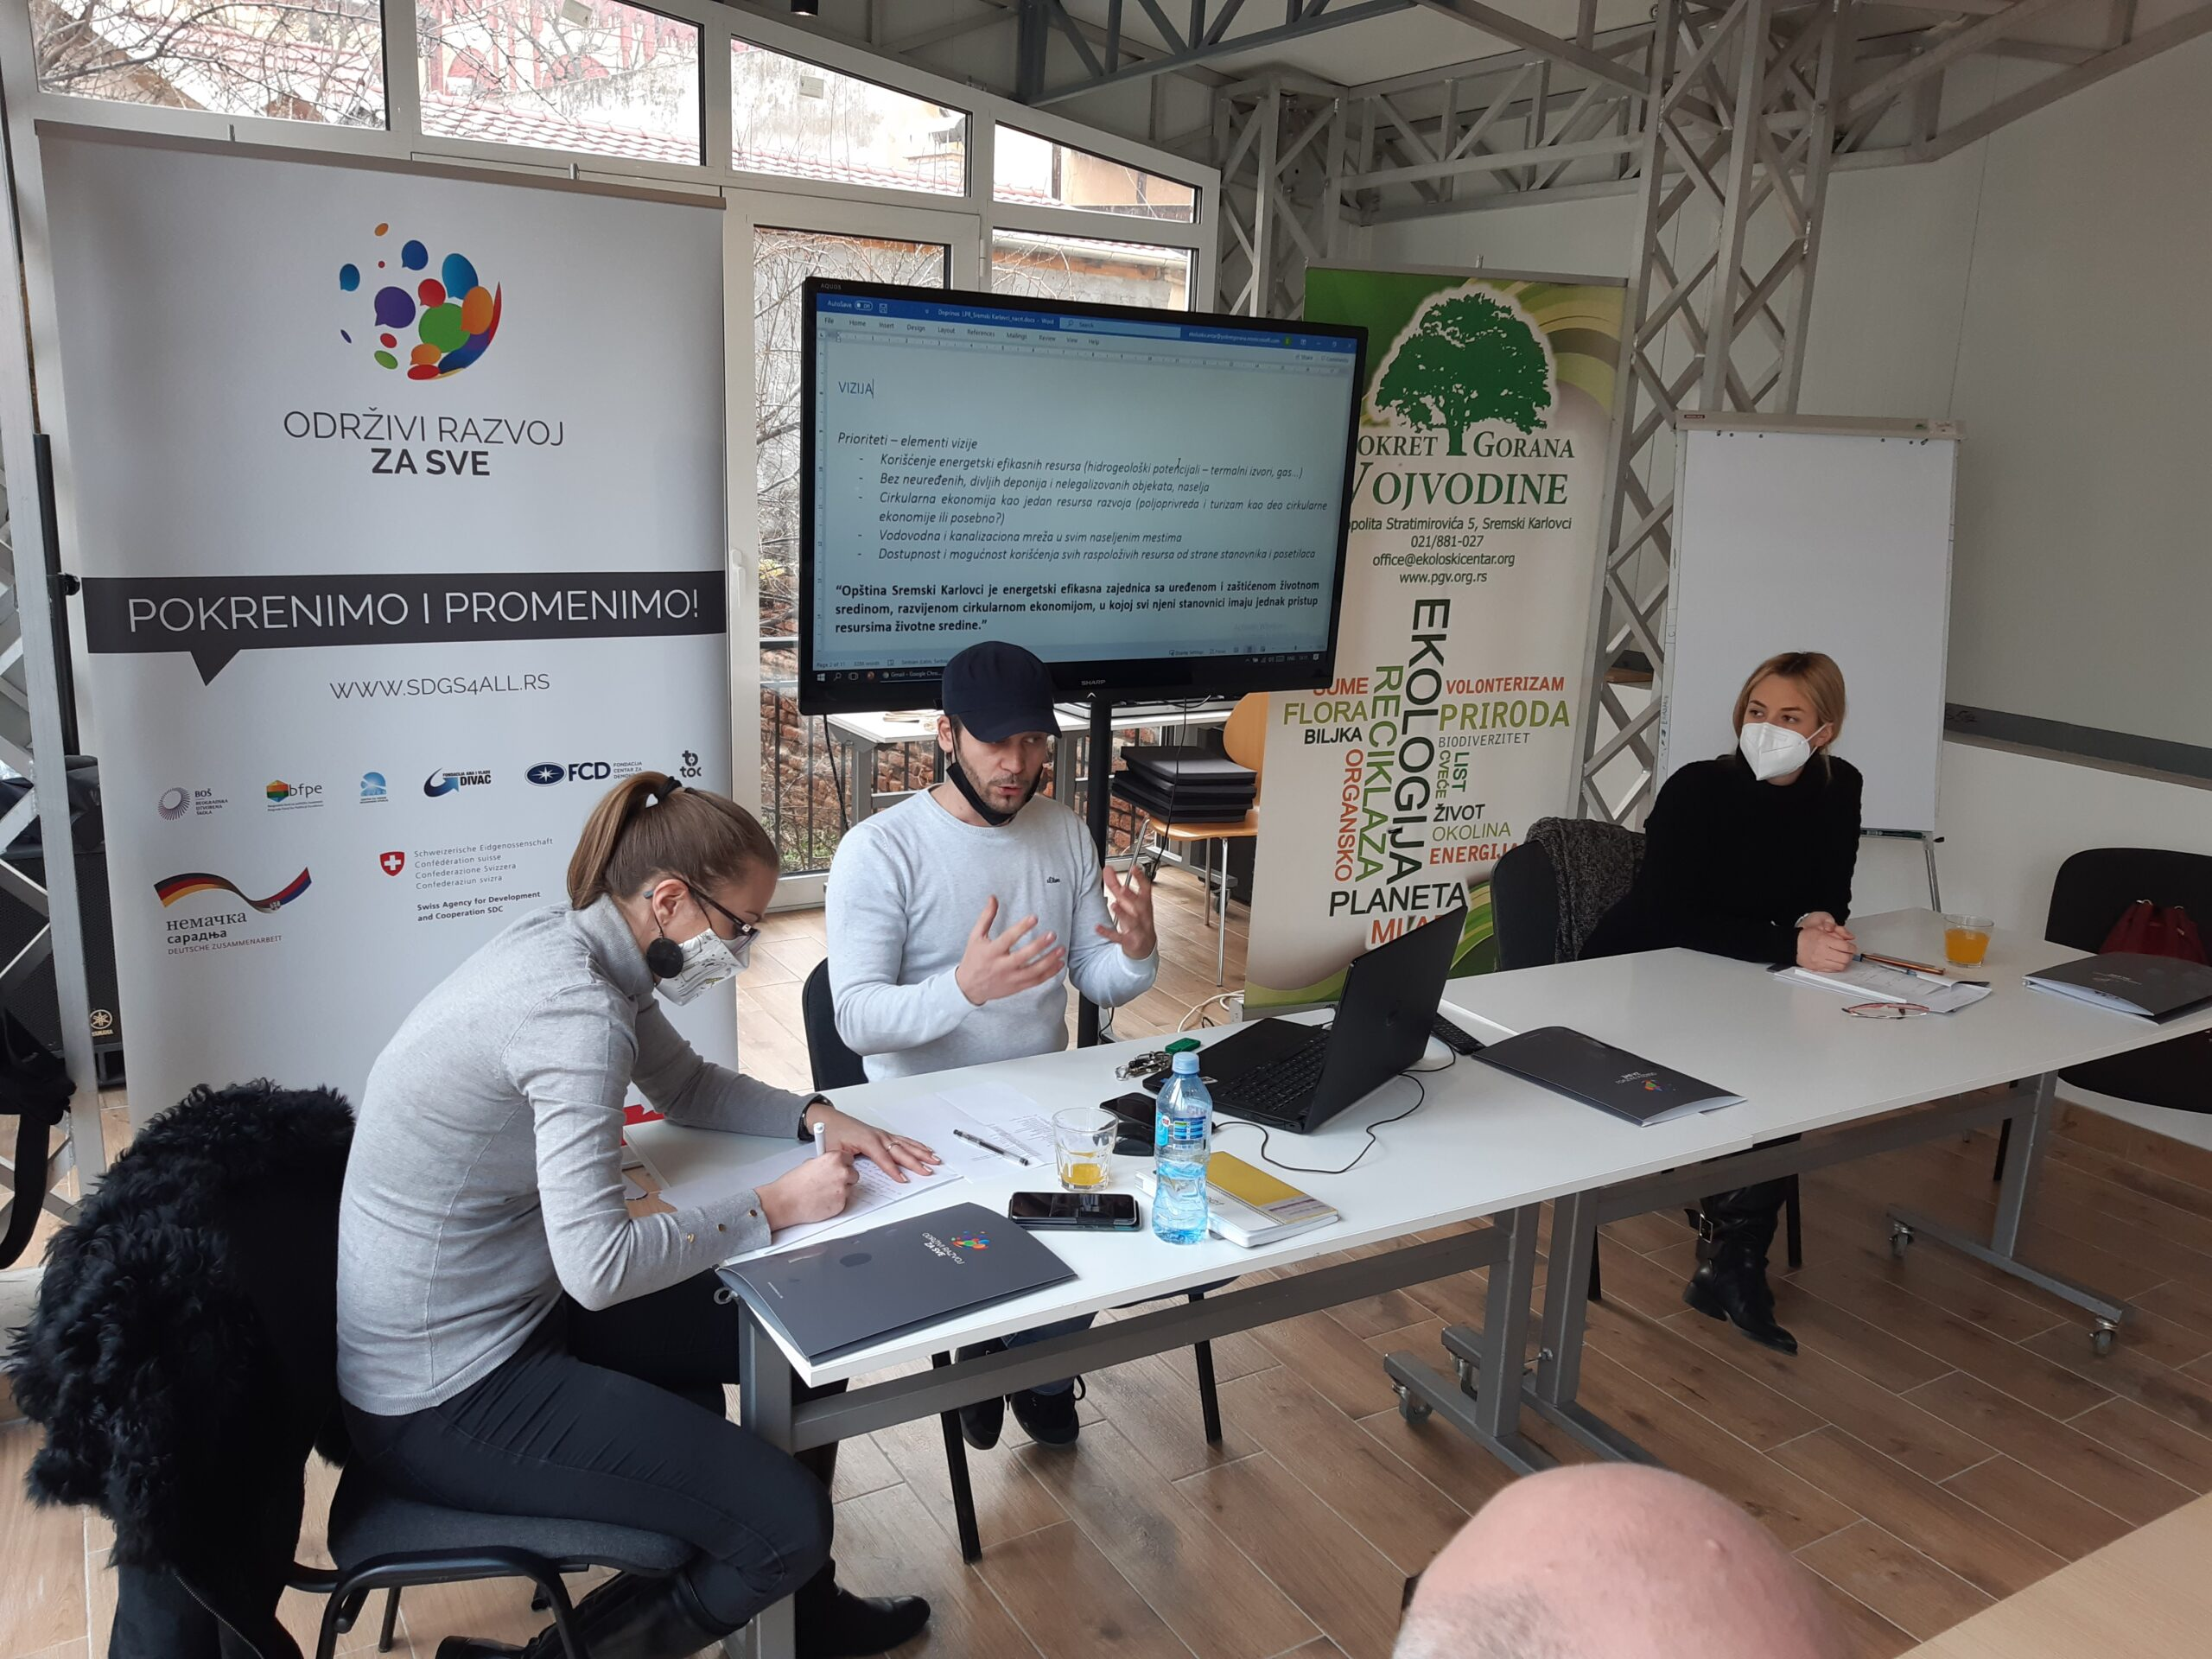 Sremski Karlovci i Priboj: u susret planovima razvoja i zdravijoj životnoj sredini